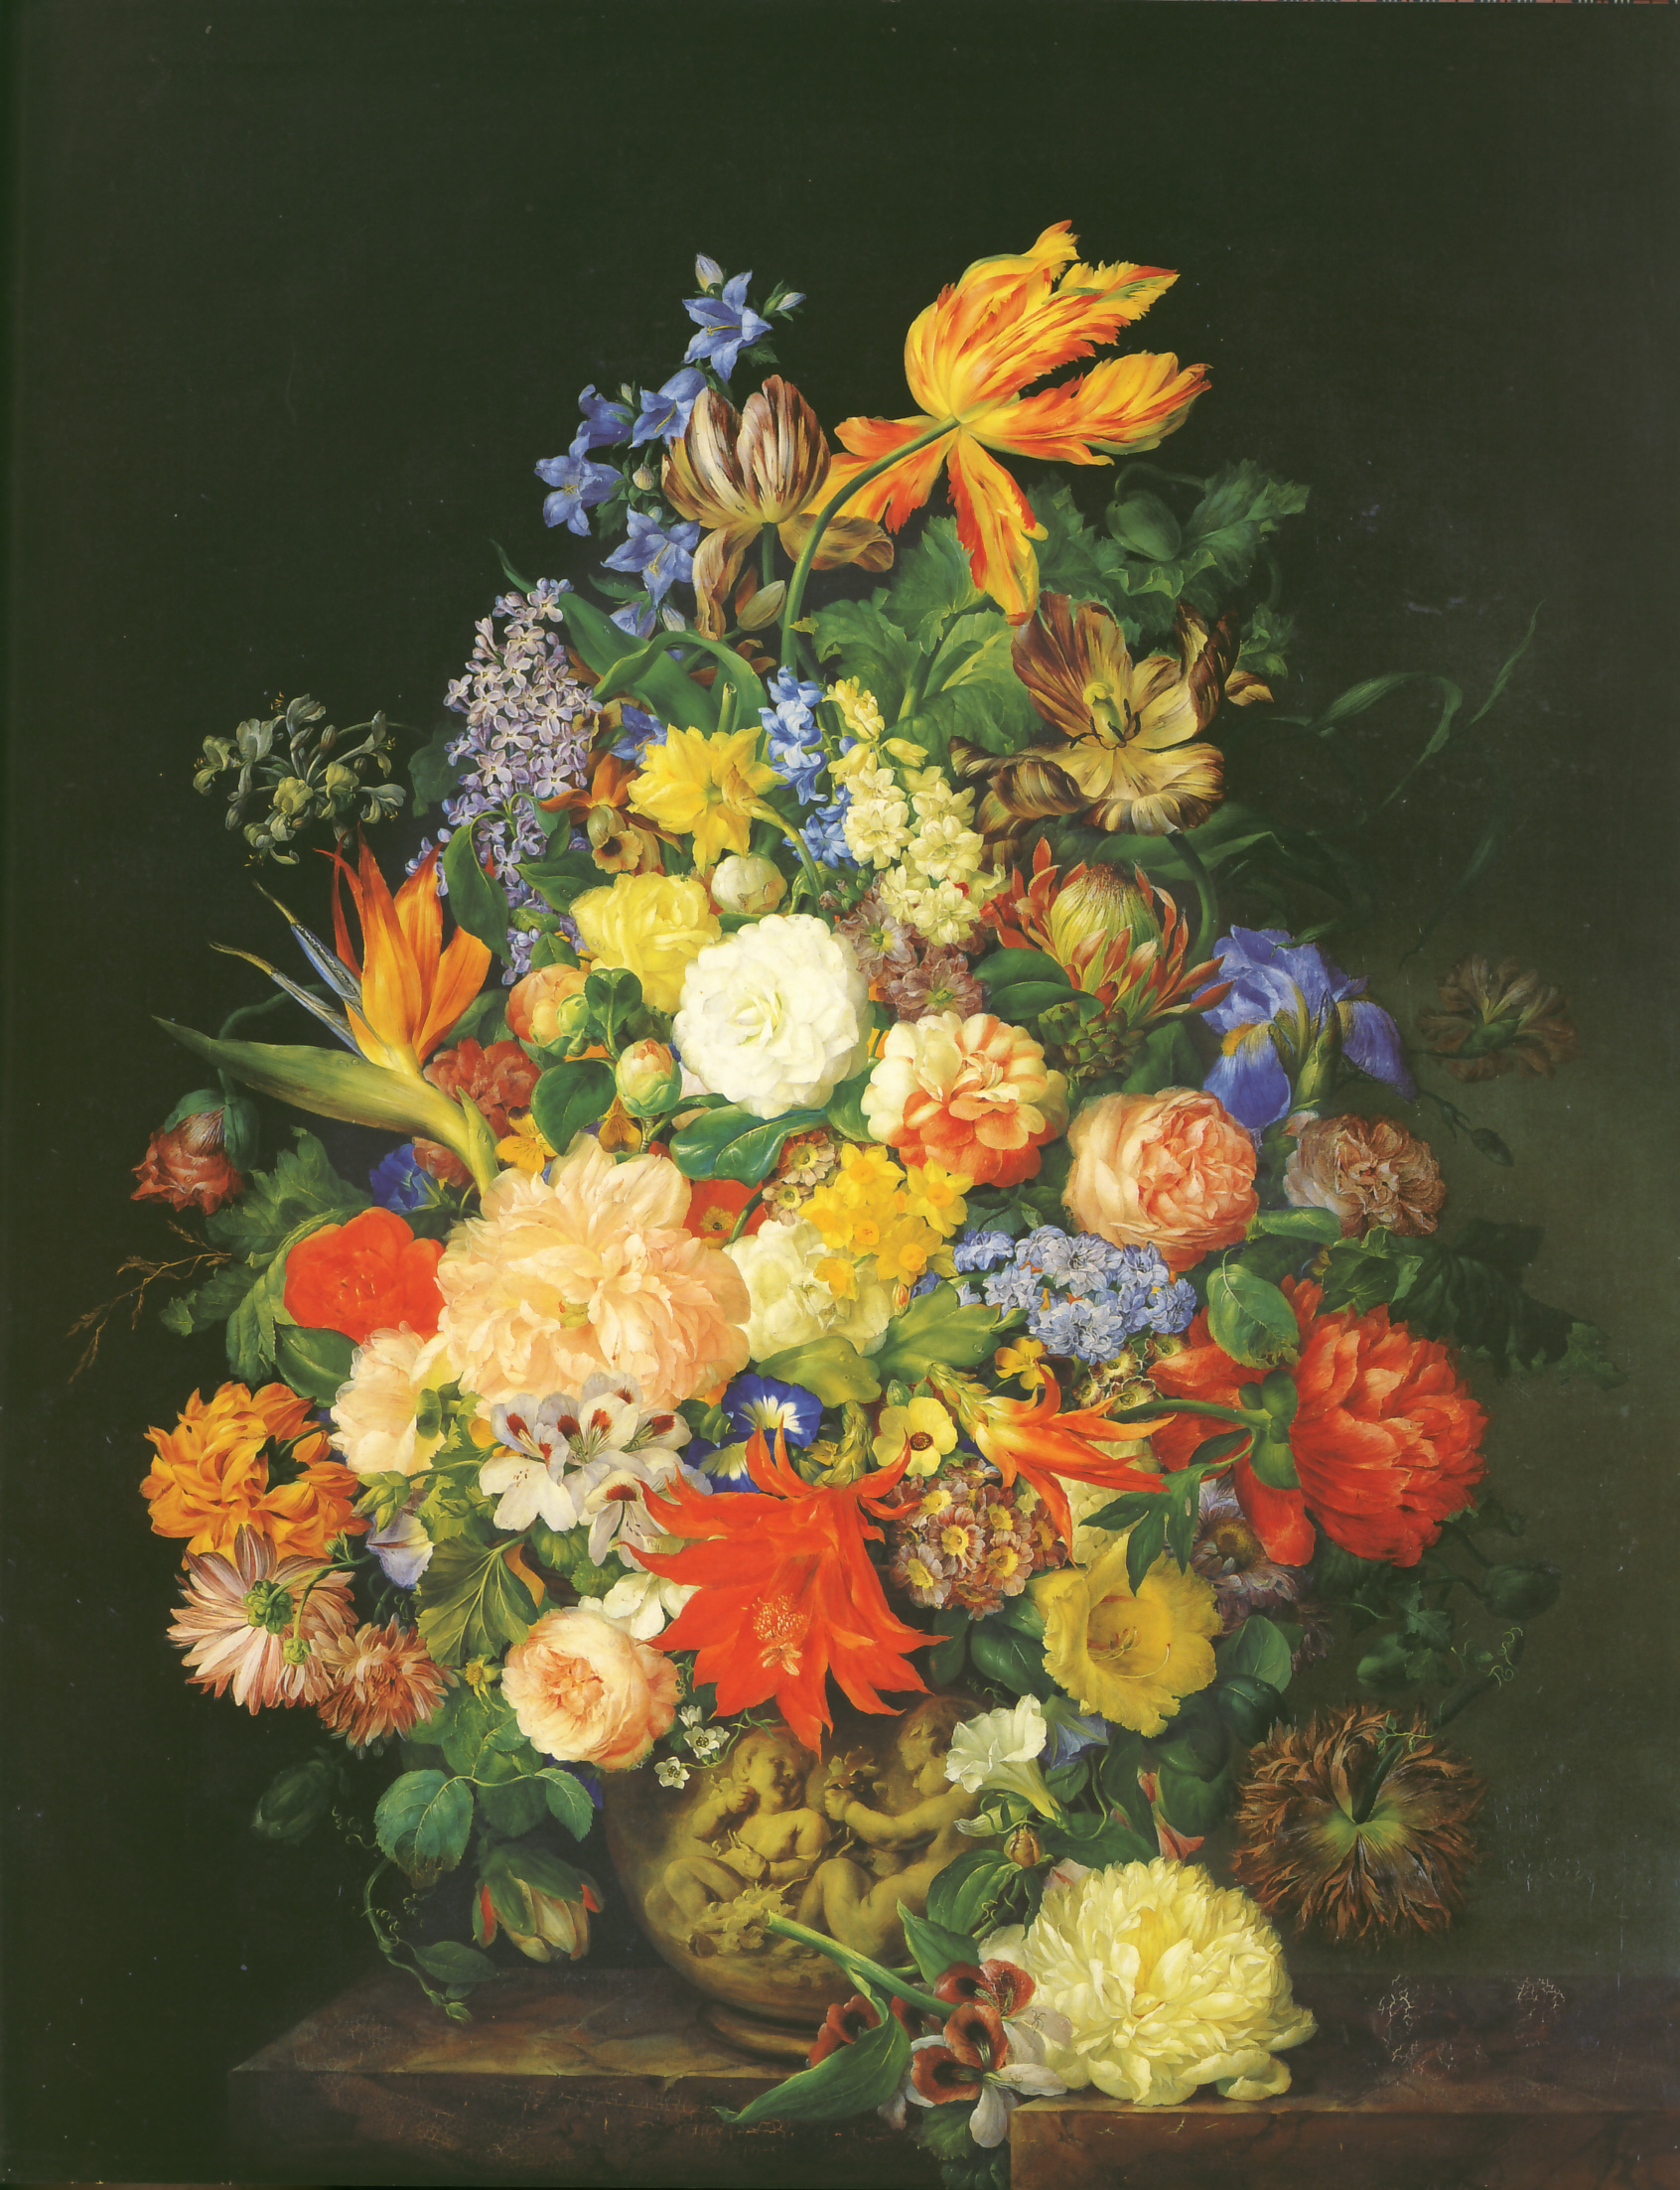 Petter Ein Blumenstrau in einer Vasejpg